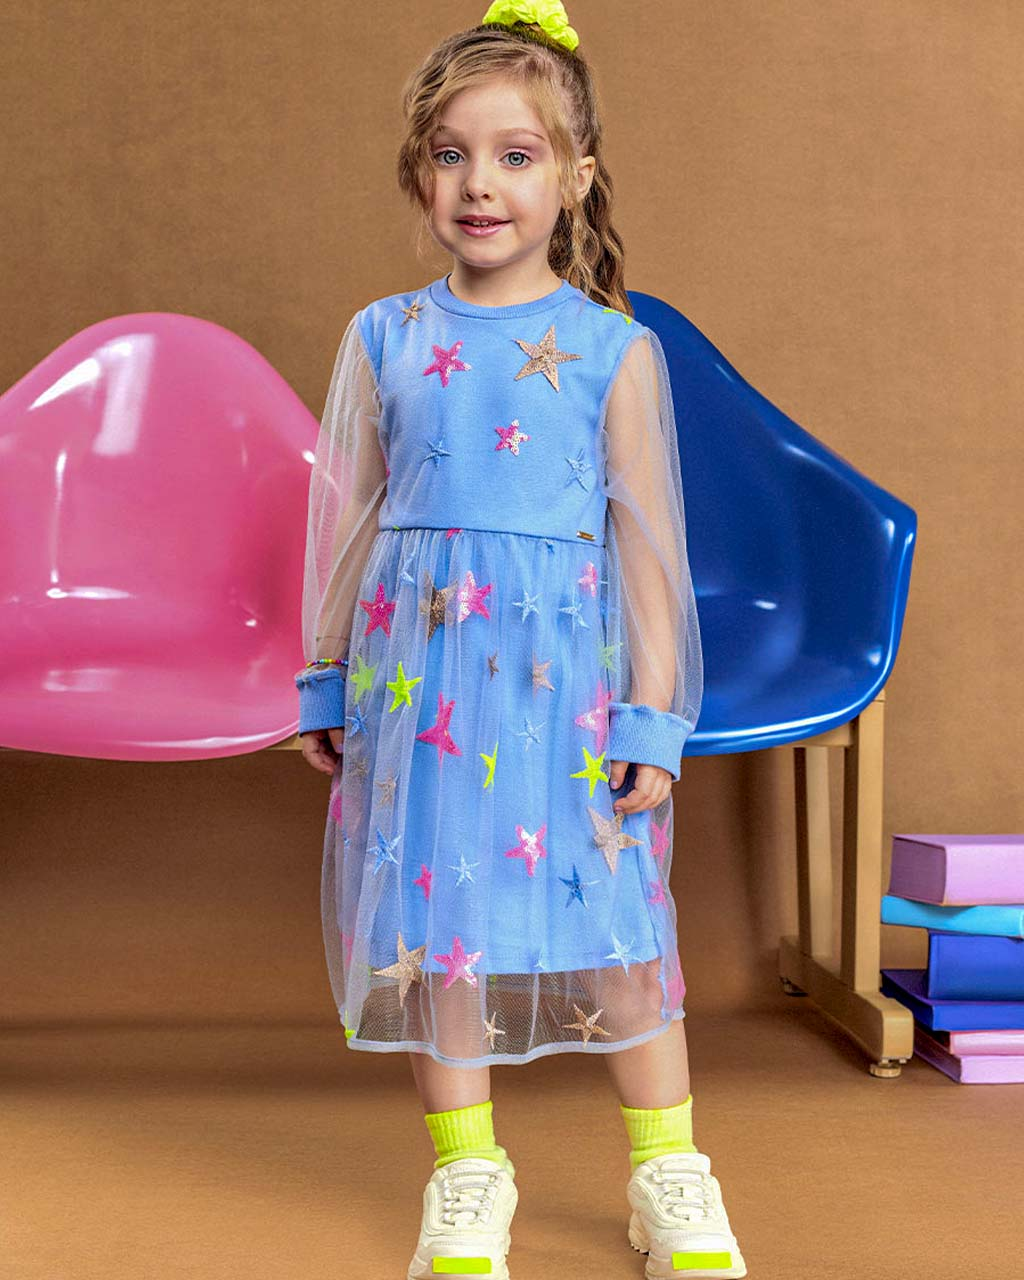 Vestido Infantil Tule Borbado Estrelas Neon Animê